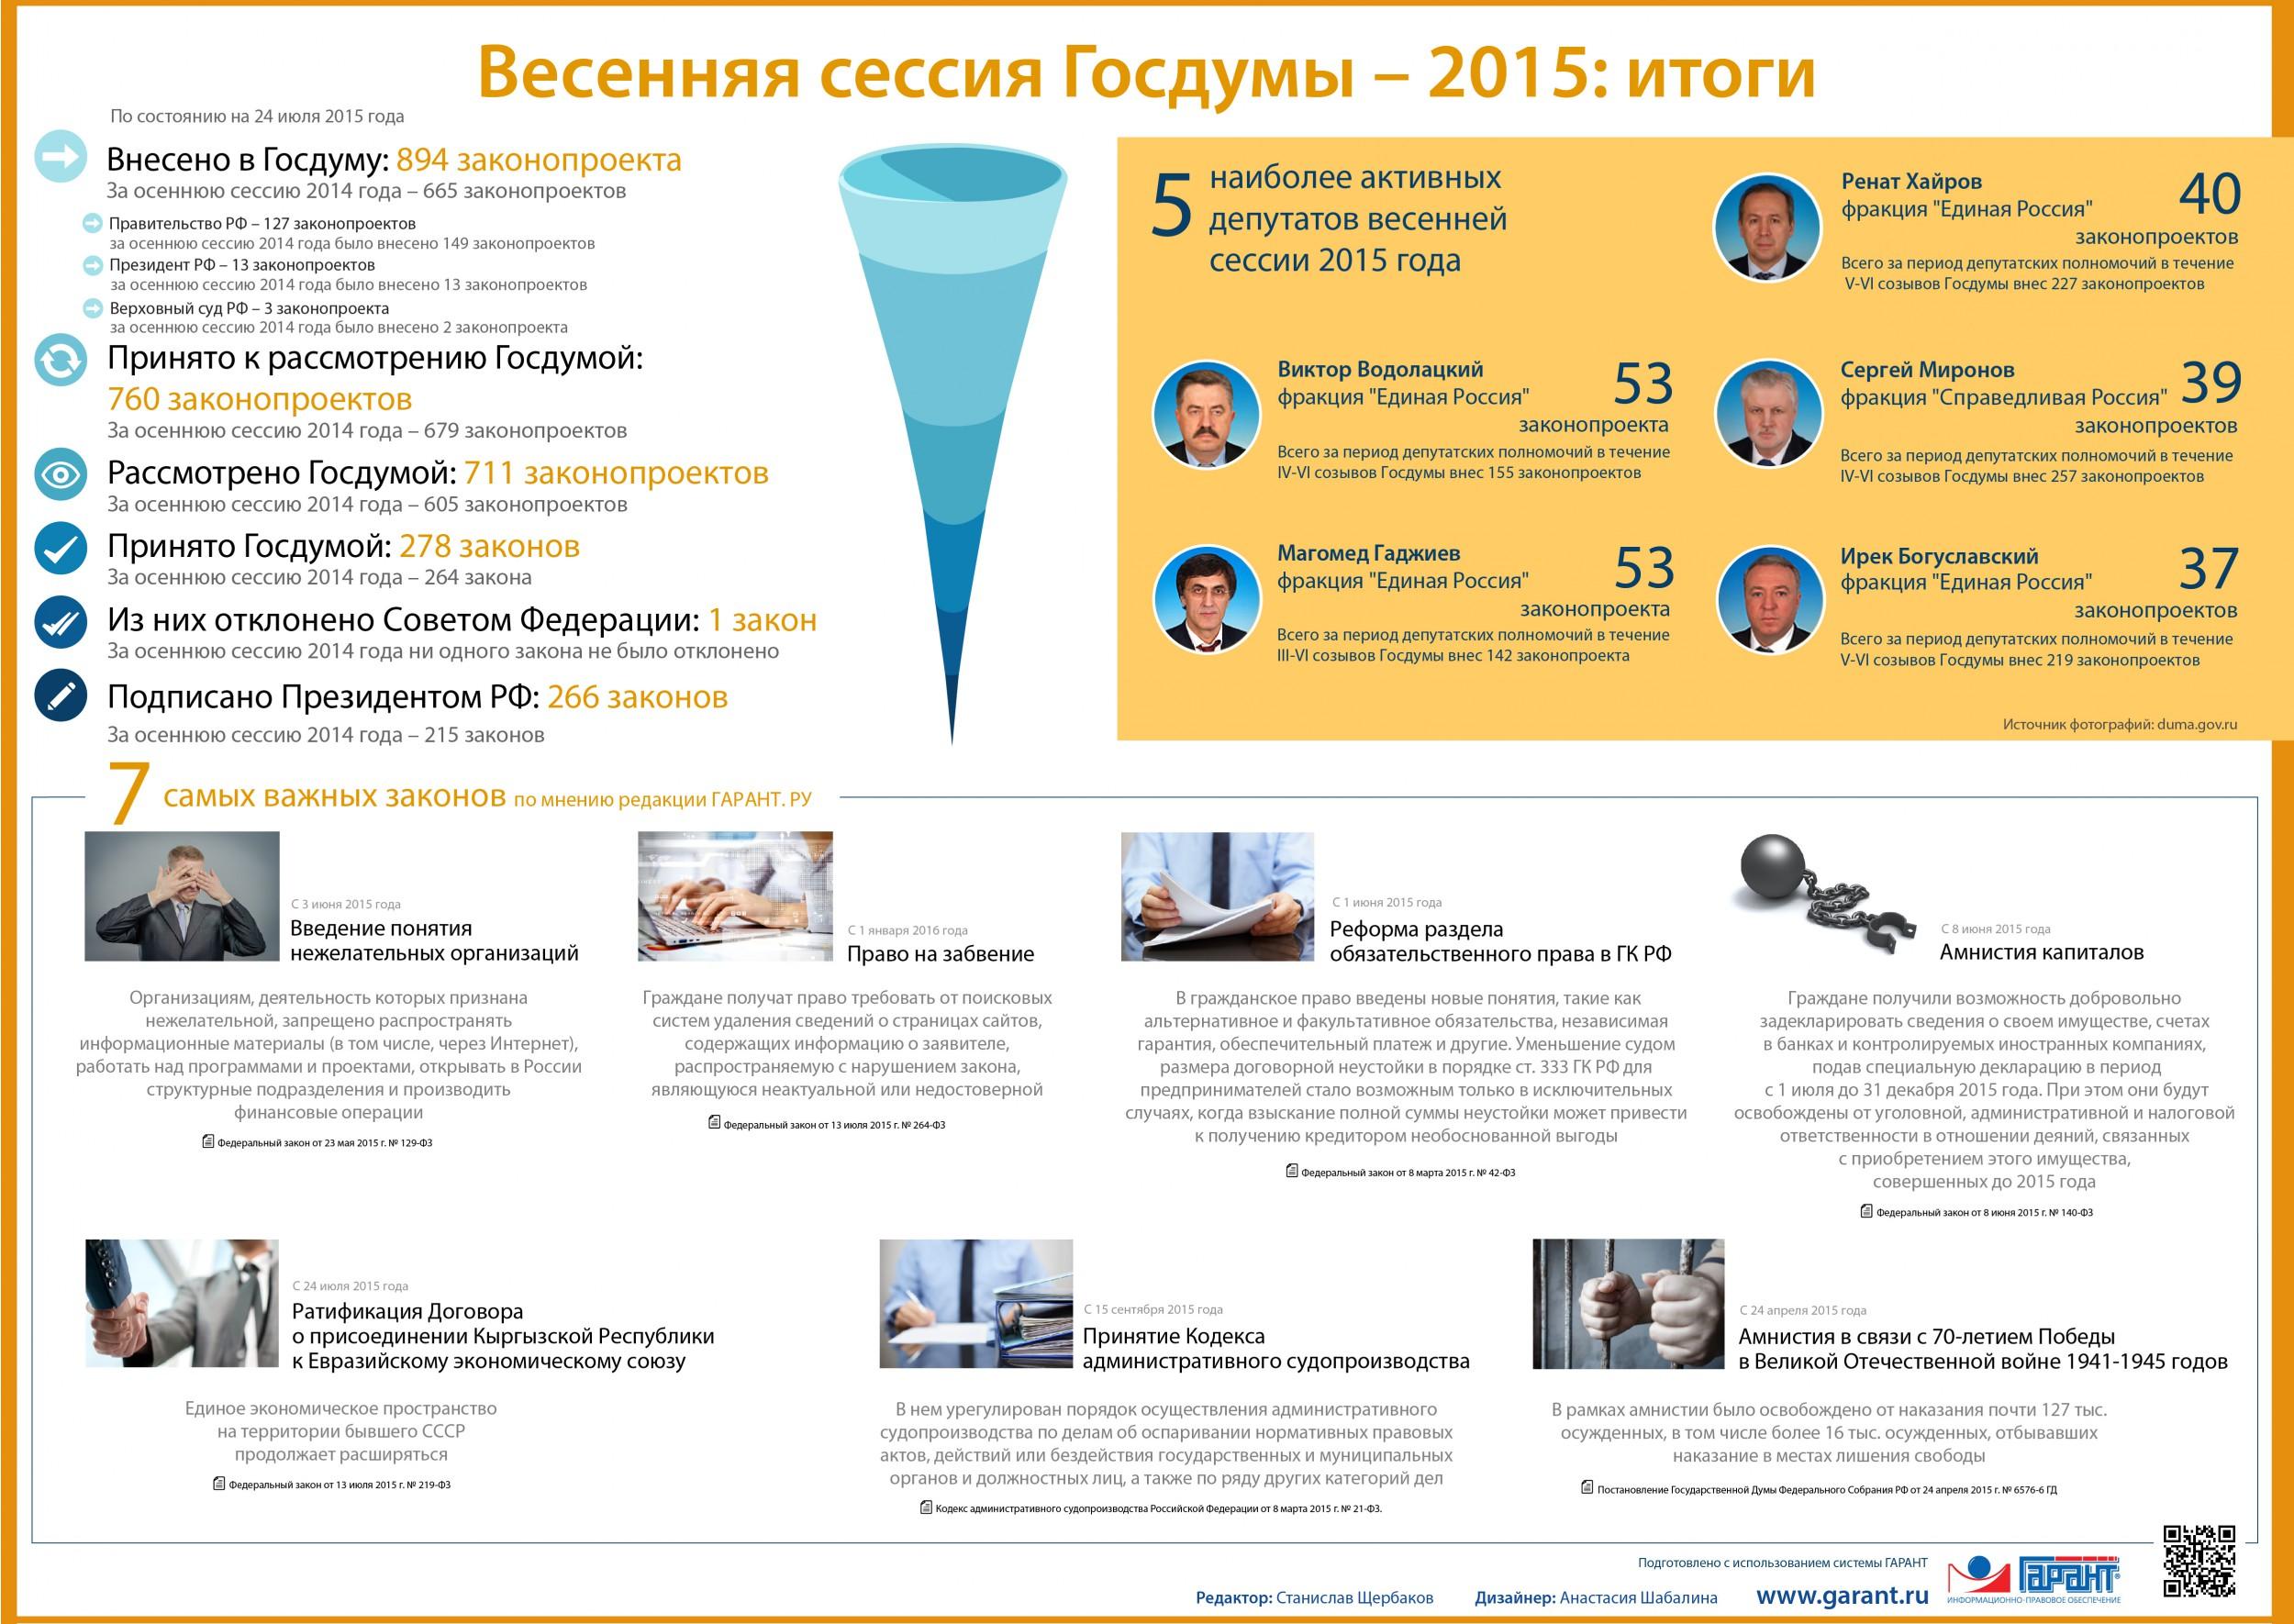 Весенняя сессия Госдумы — 2015: итоги